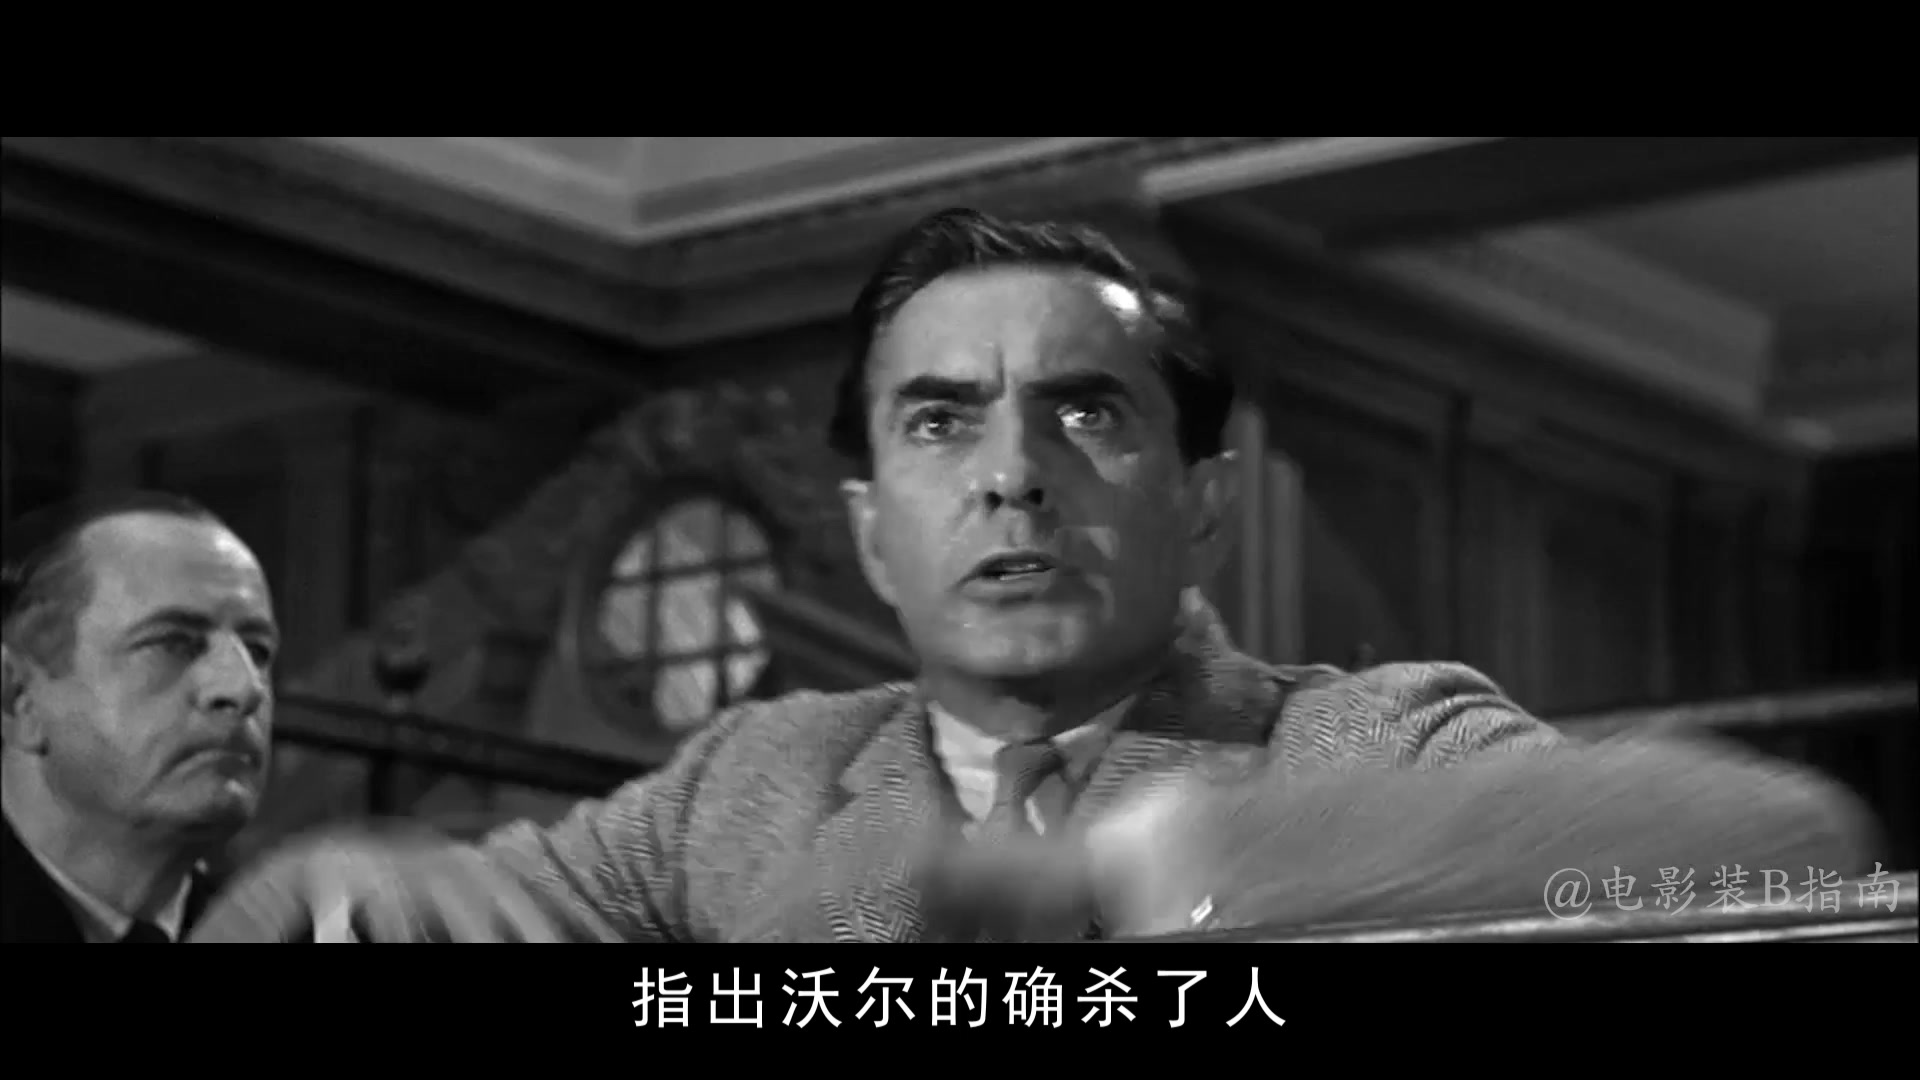 1957年拍的到现在都没人能超越的高分悬疑片《控方证人》观影装逼指南。